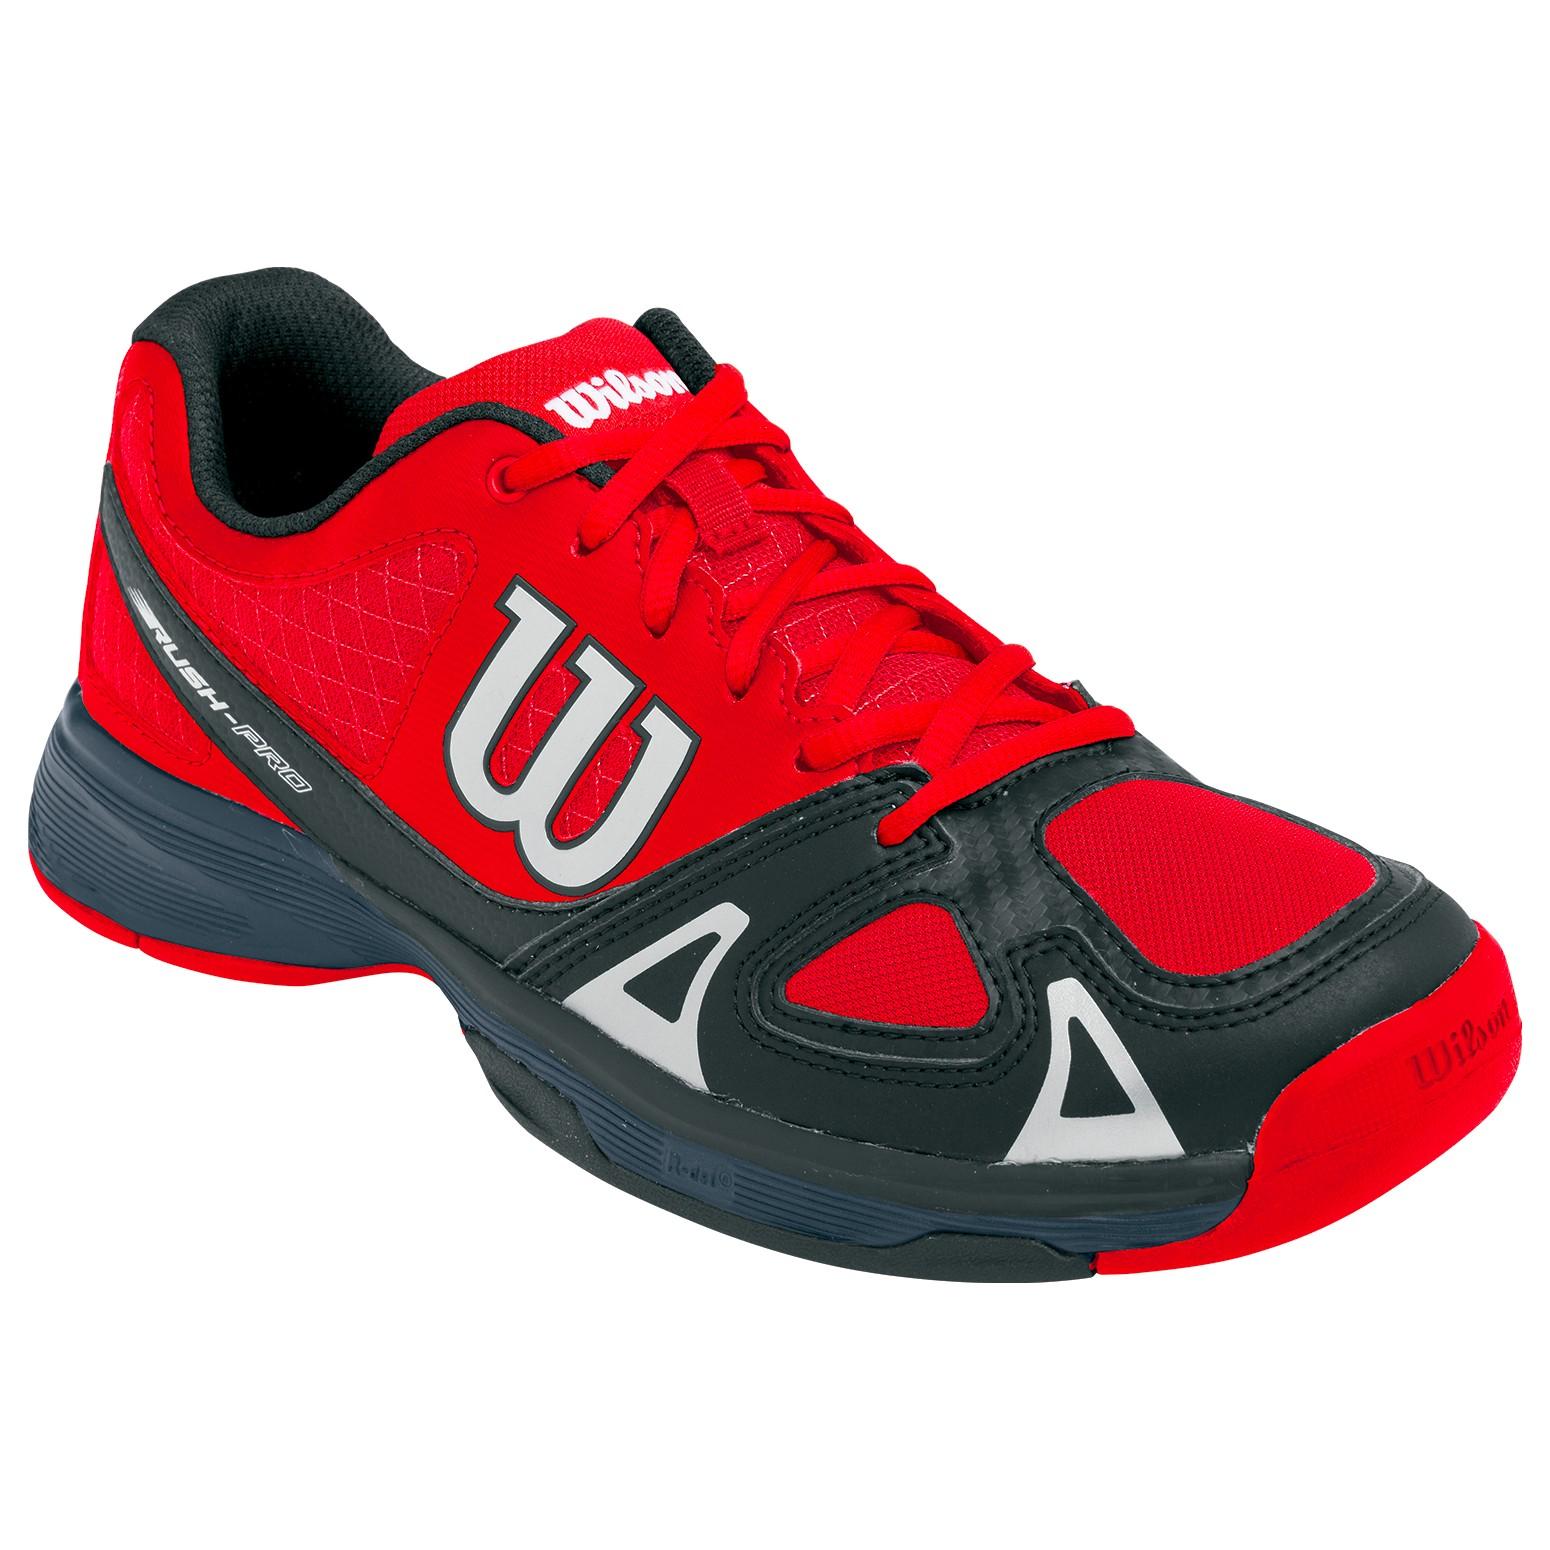 Tenisová obuv Wilson Rush Pro Junior redUK 5,5 / EUR 39 / 25 cm